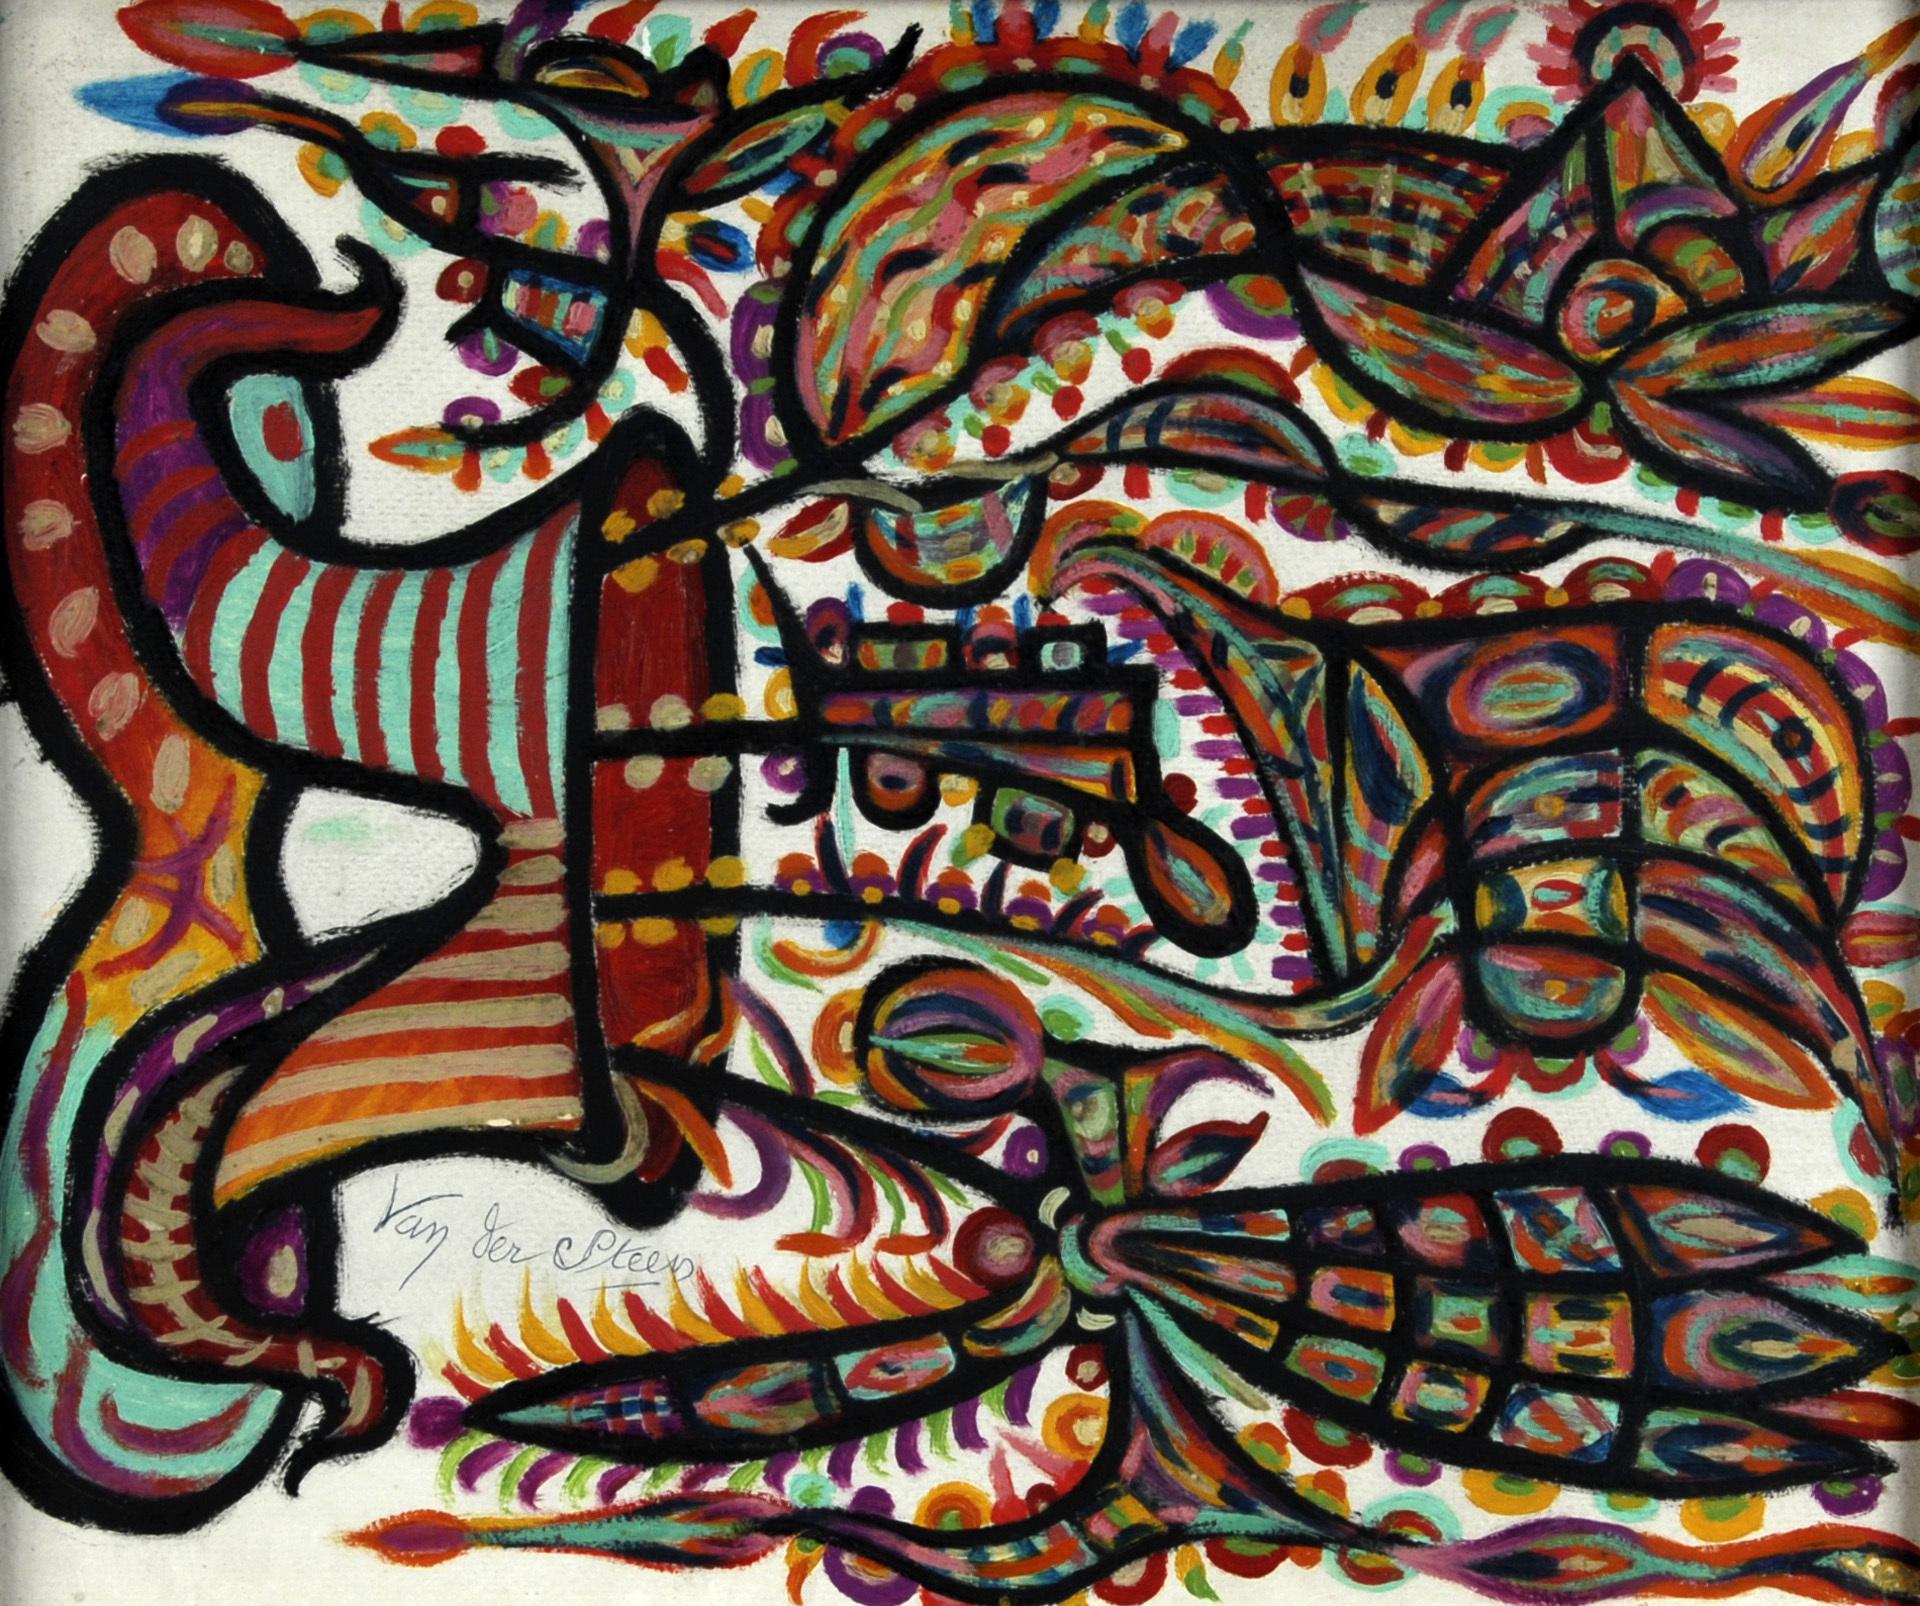 van der Steen Germain, Fleurs imaginaires